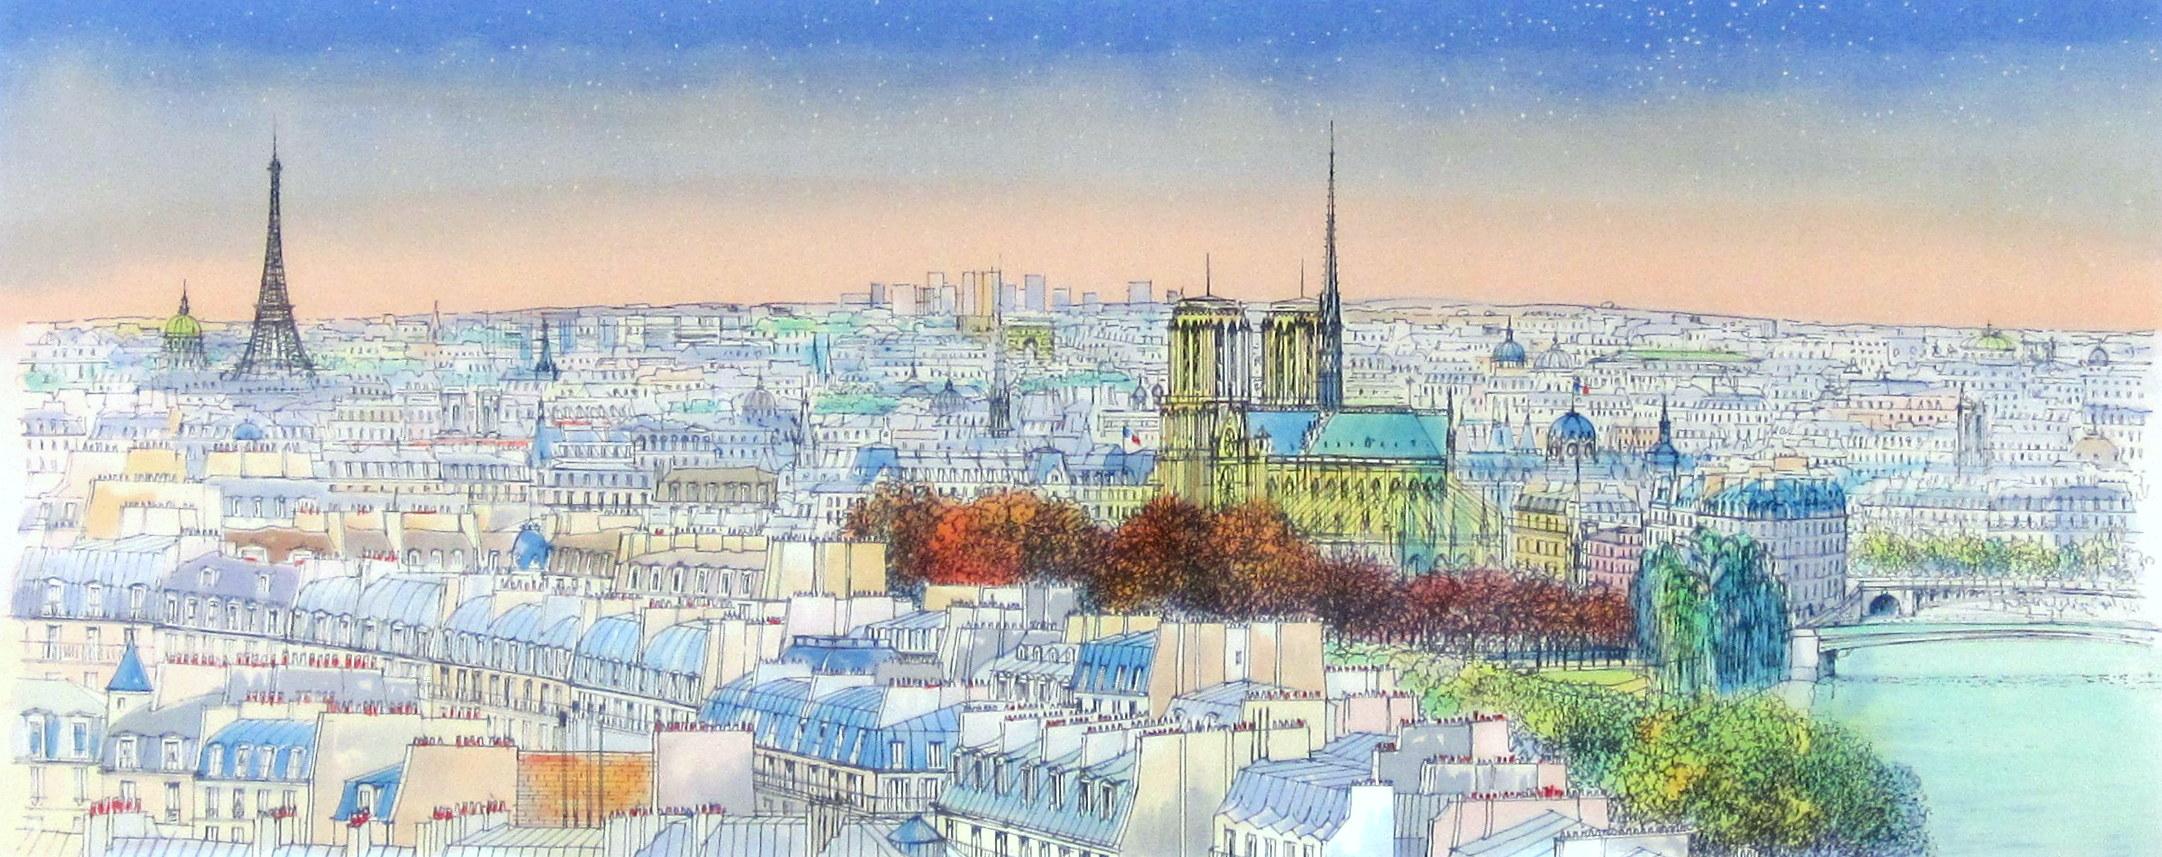 ヨーロッパ風景画・ラフルスキー「パリ」リトグラフ・外寸450×760mm